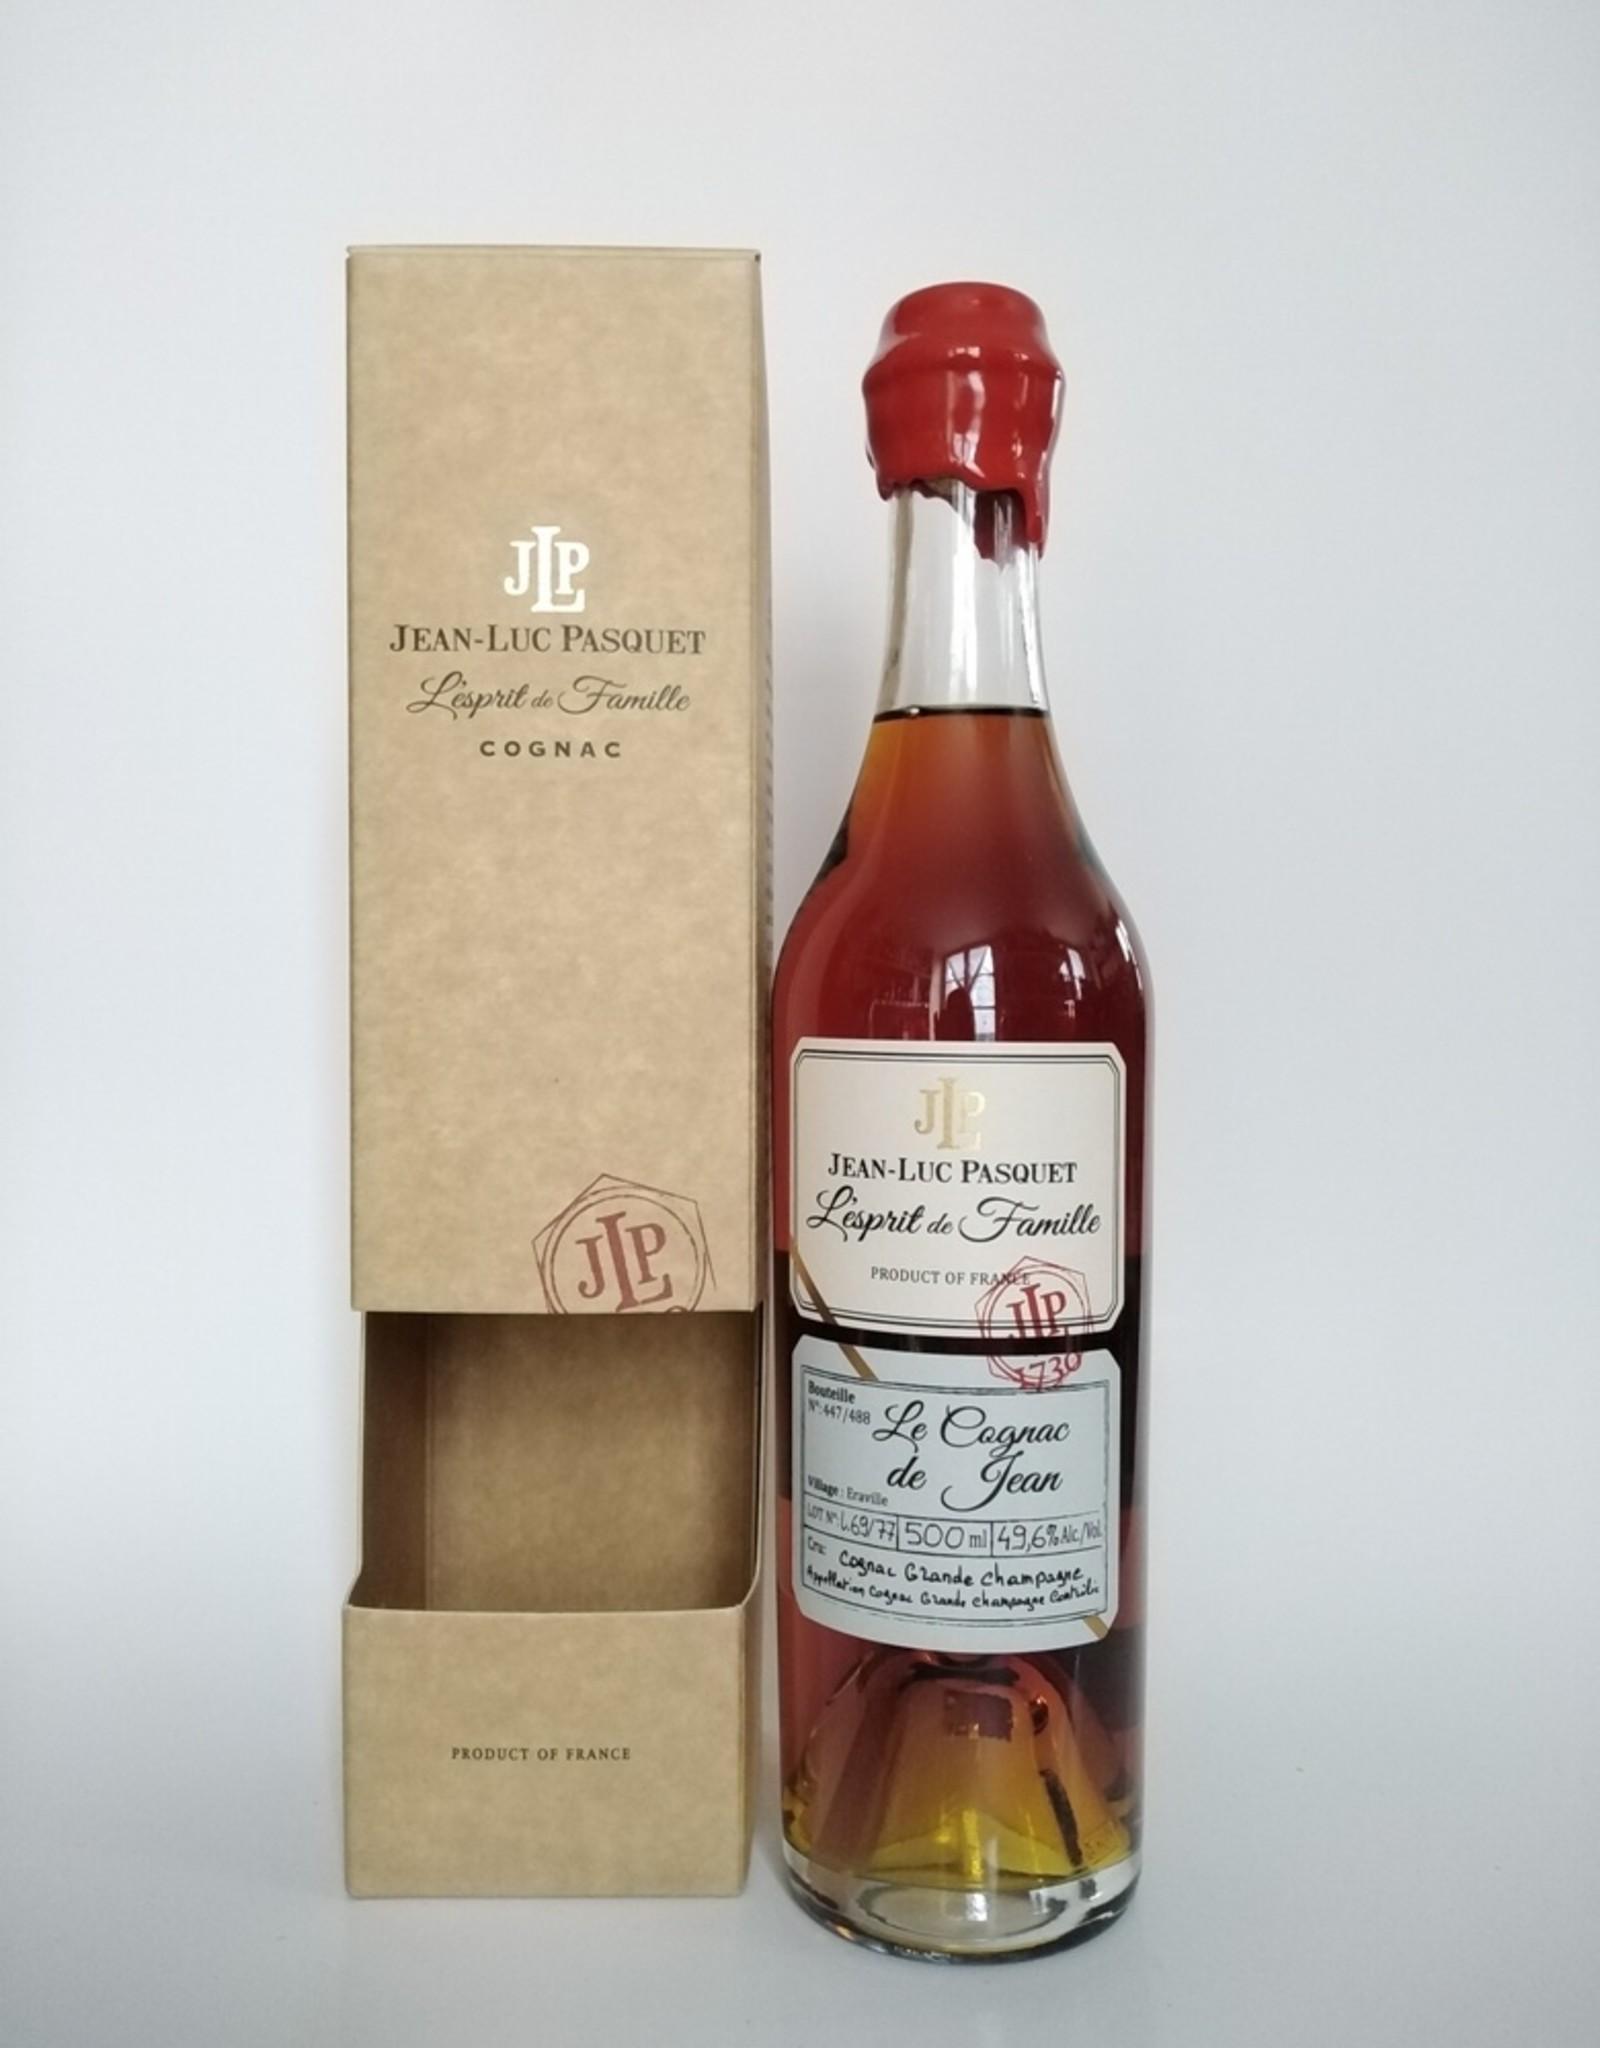 Jean-Luc Pasquet Jean-Luc Pasquet - L'esprit de Famille - 50 cl - Le Cognac de Jean